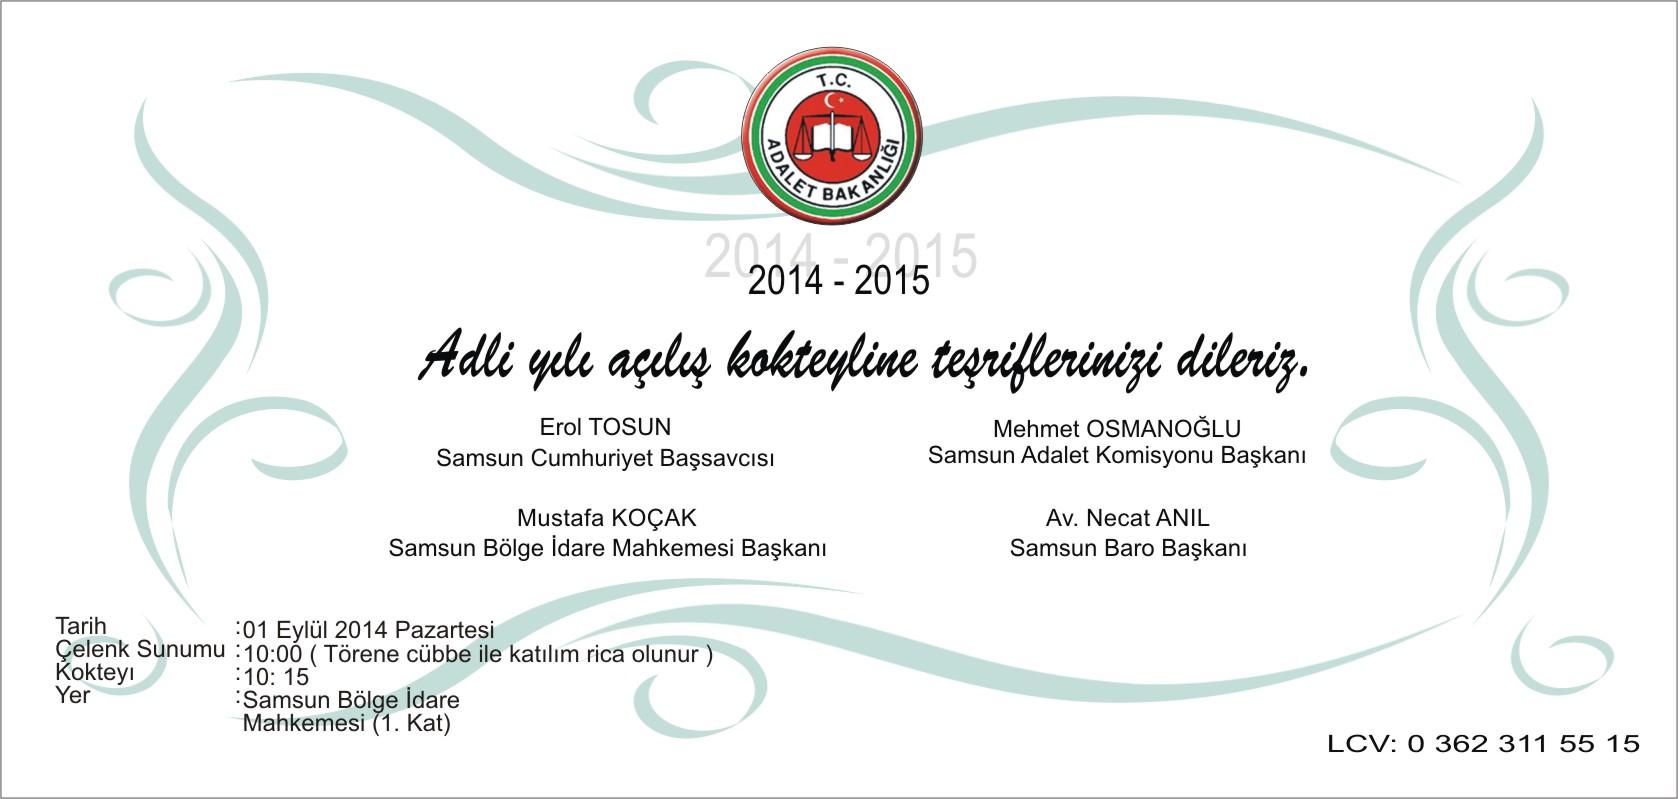 2014 / 2015 ADLİ YILI AÇILIŞI